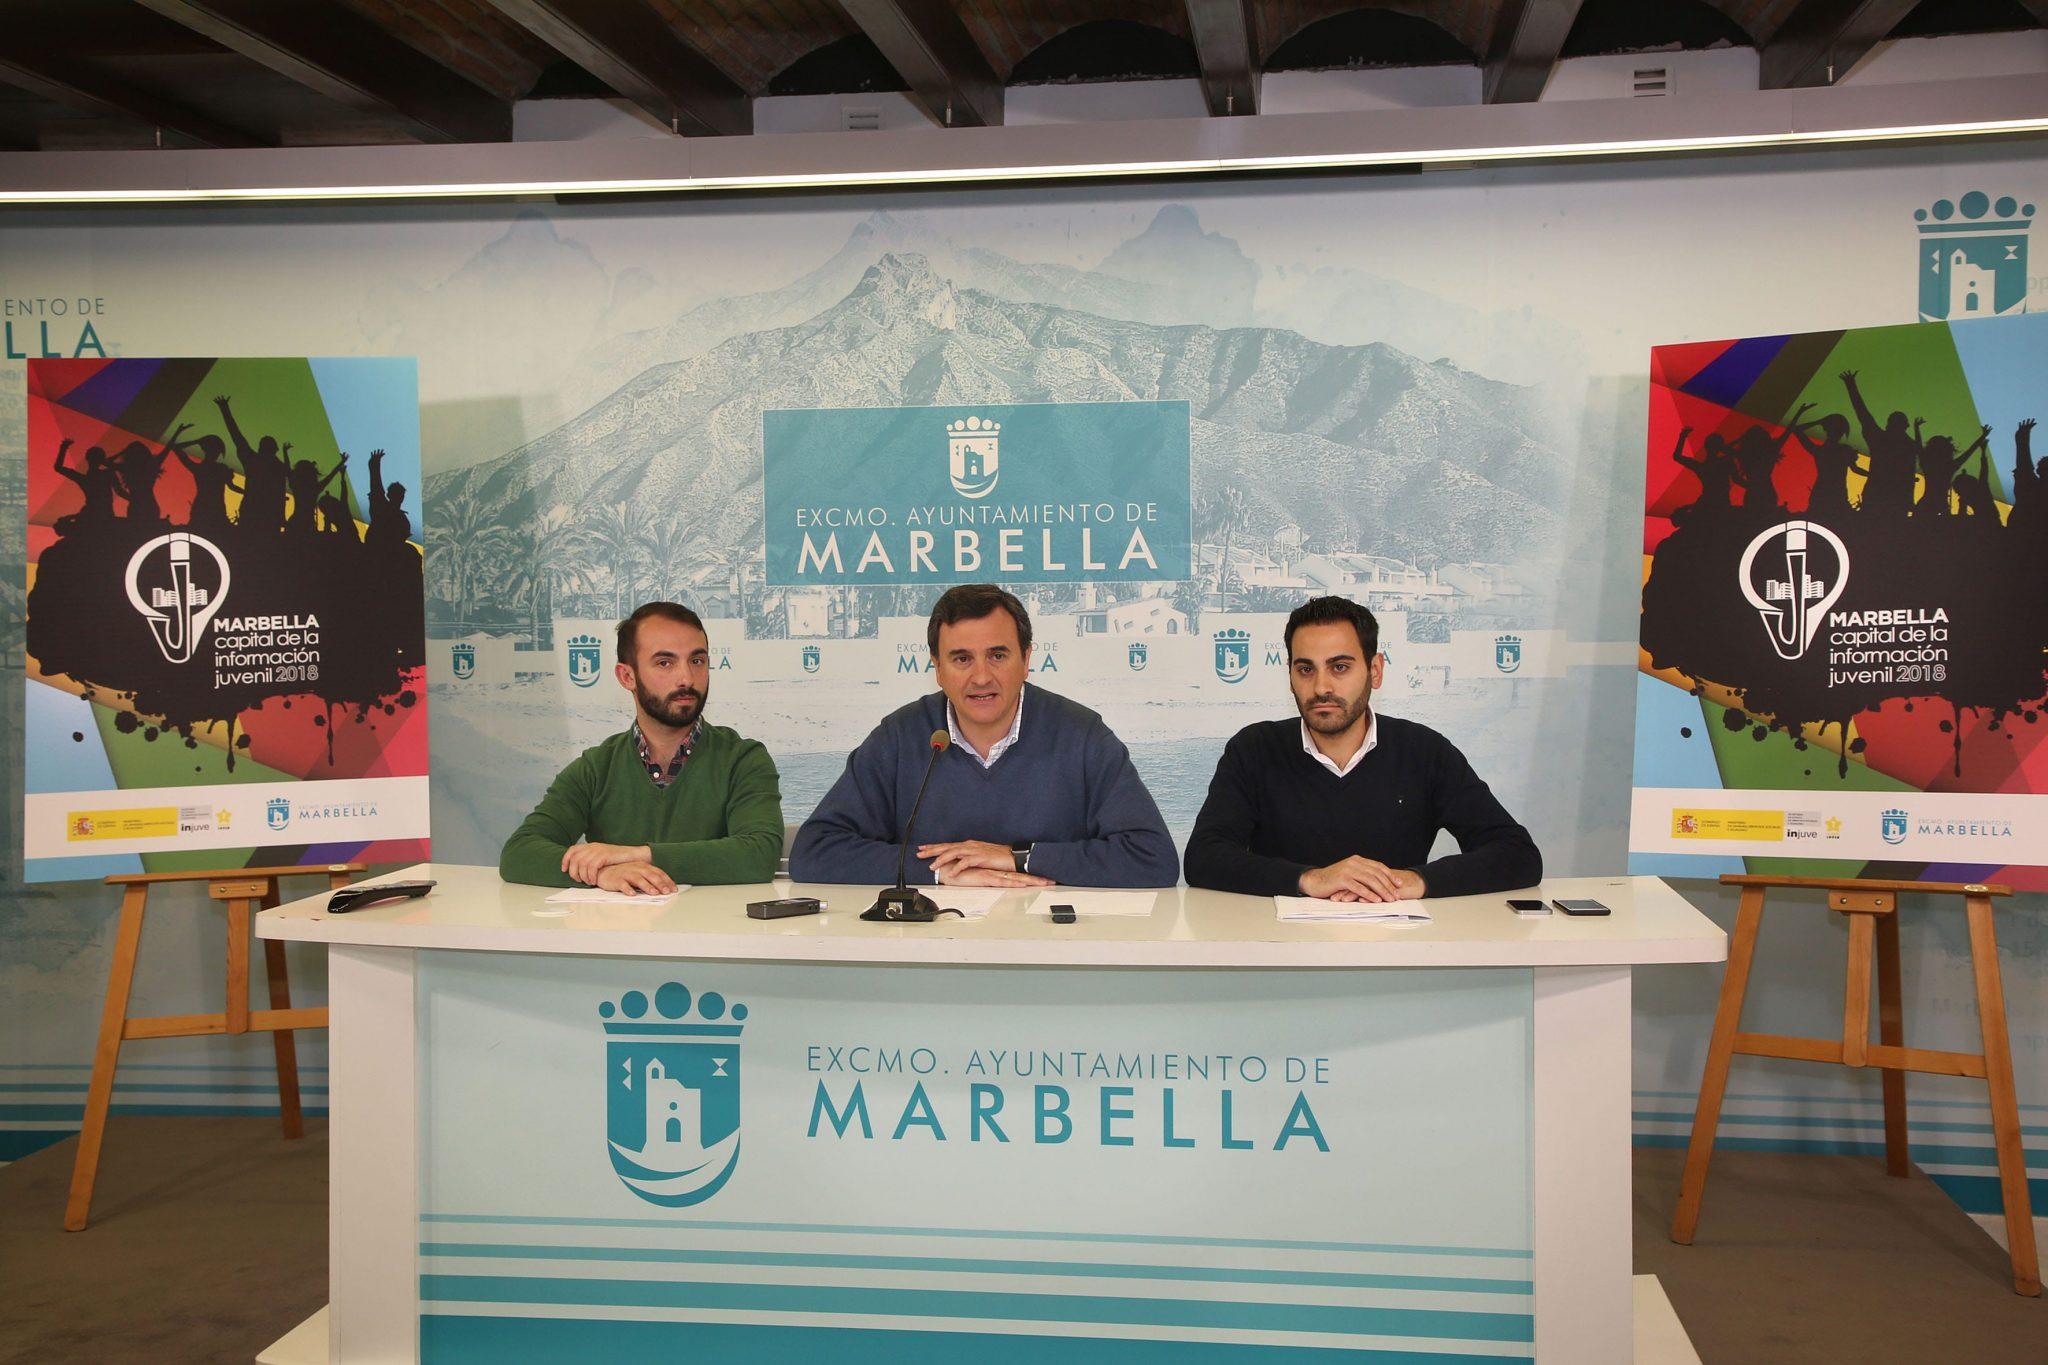 Marbella, Capital Nacional de la Información Juvenil 2018